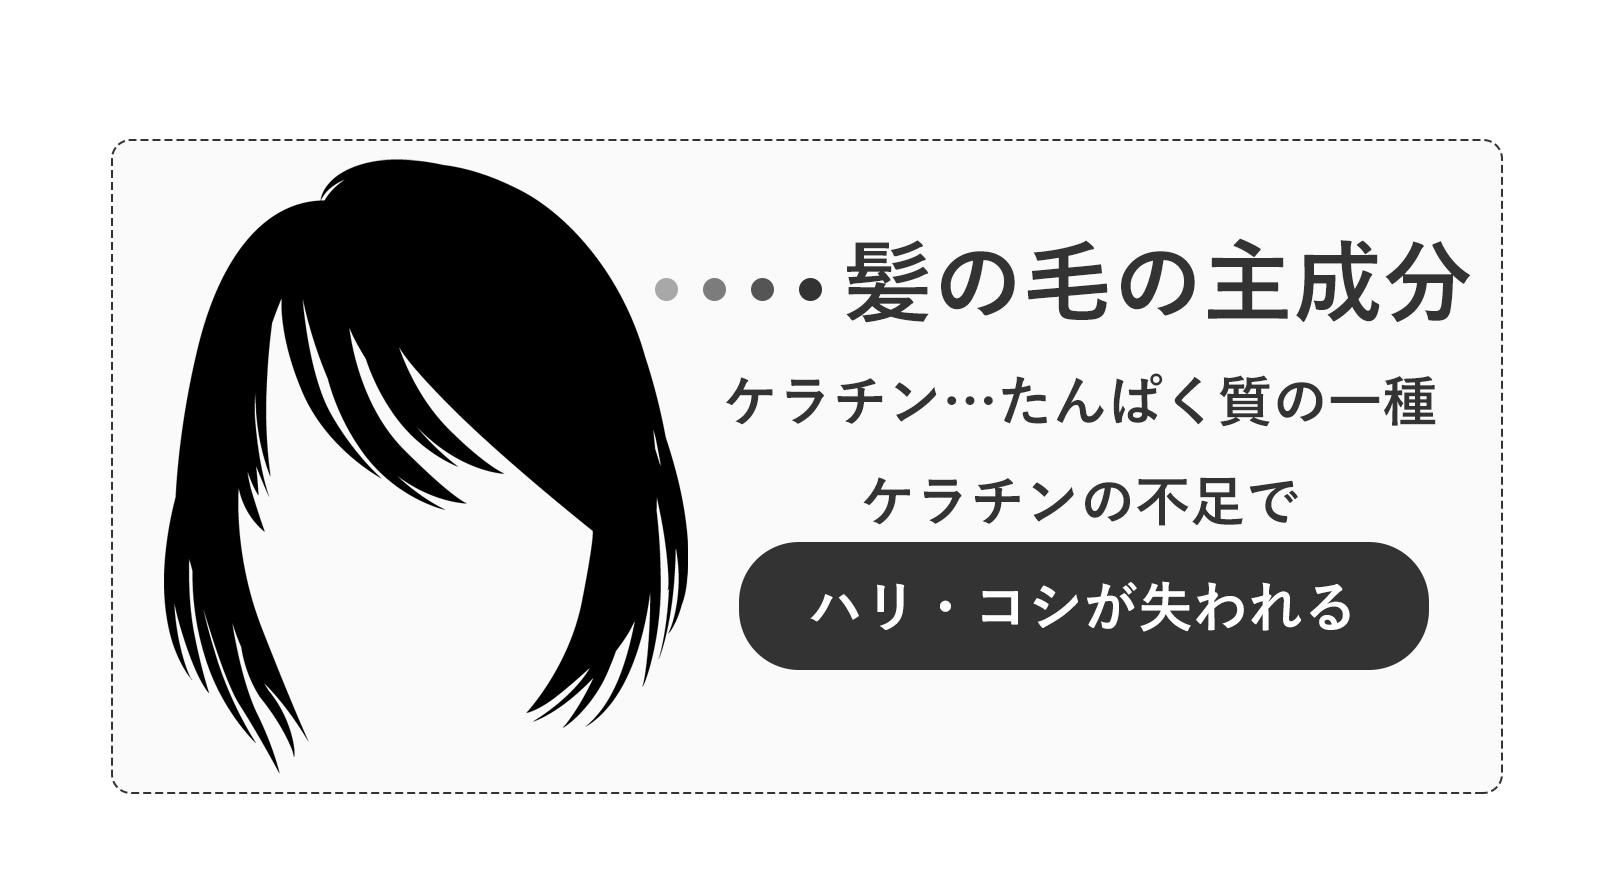 髪の毛の主成分は「ケラチン」というたんぱく質。ケラチン不足は髪のハリやコシに影響する。